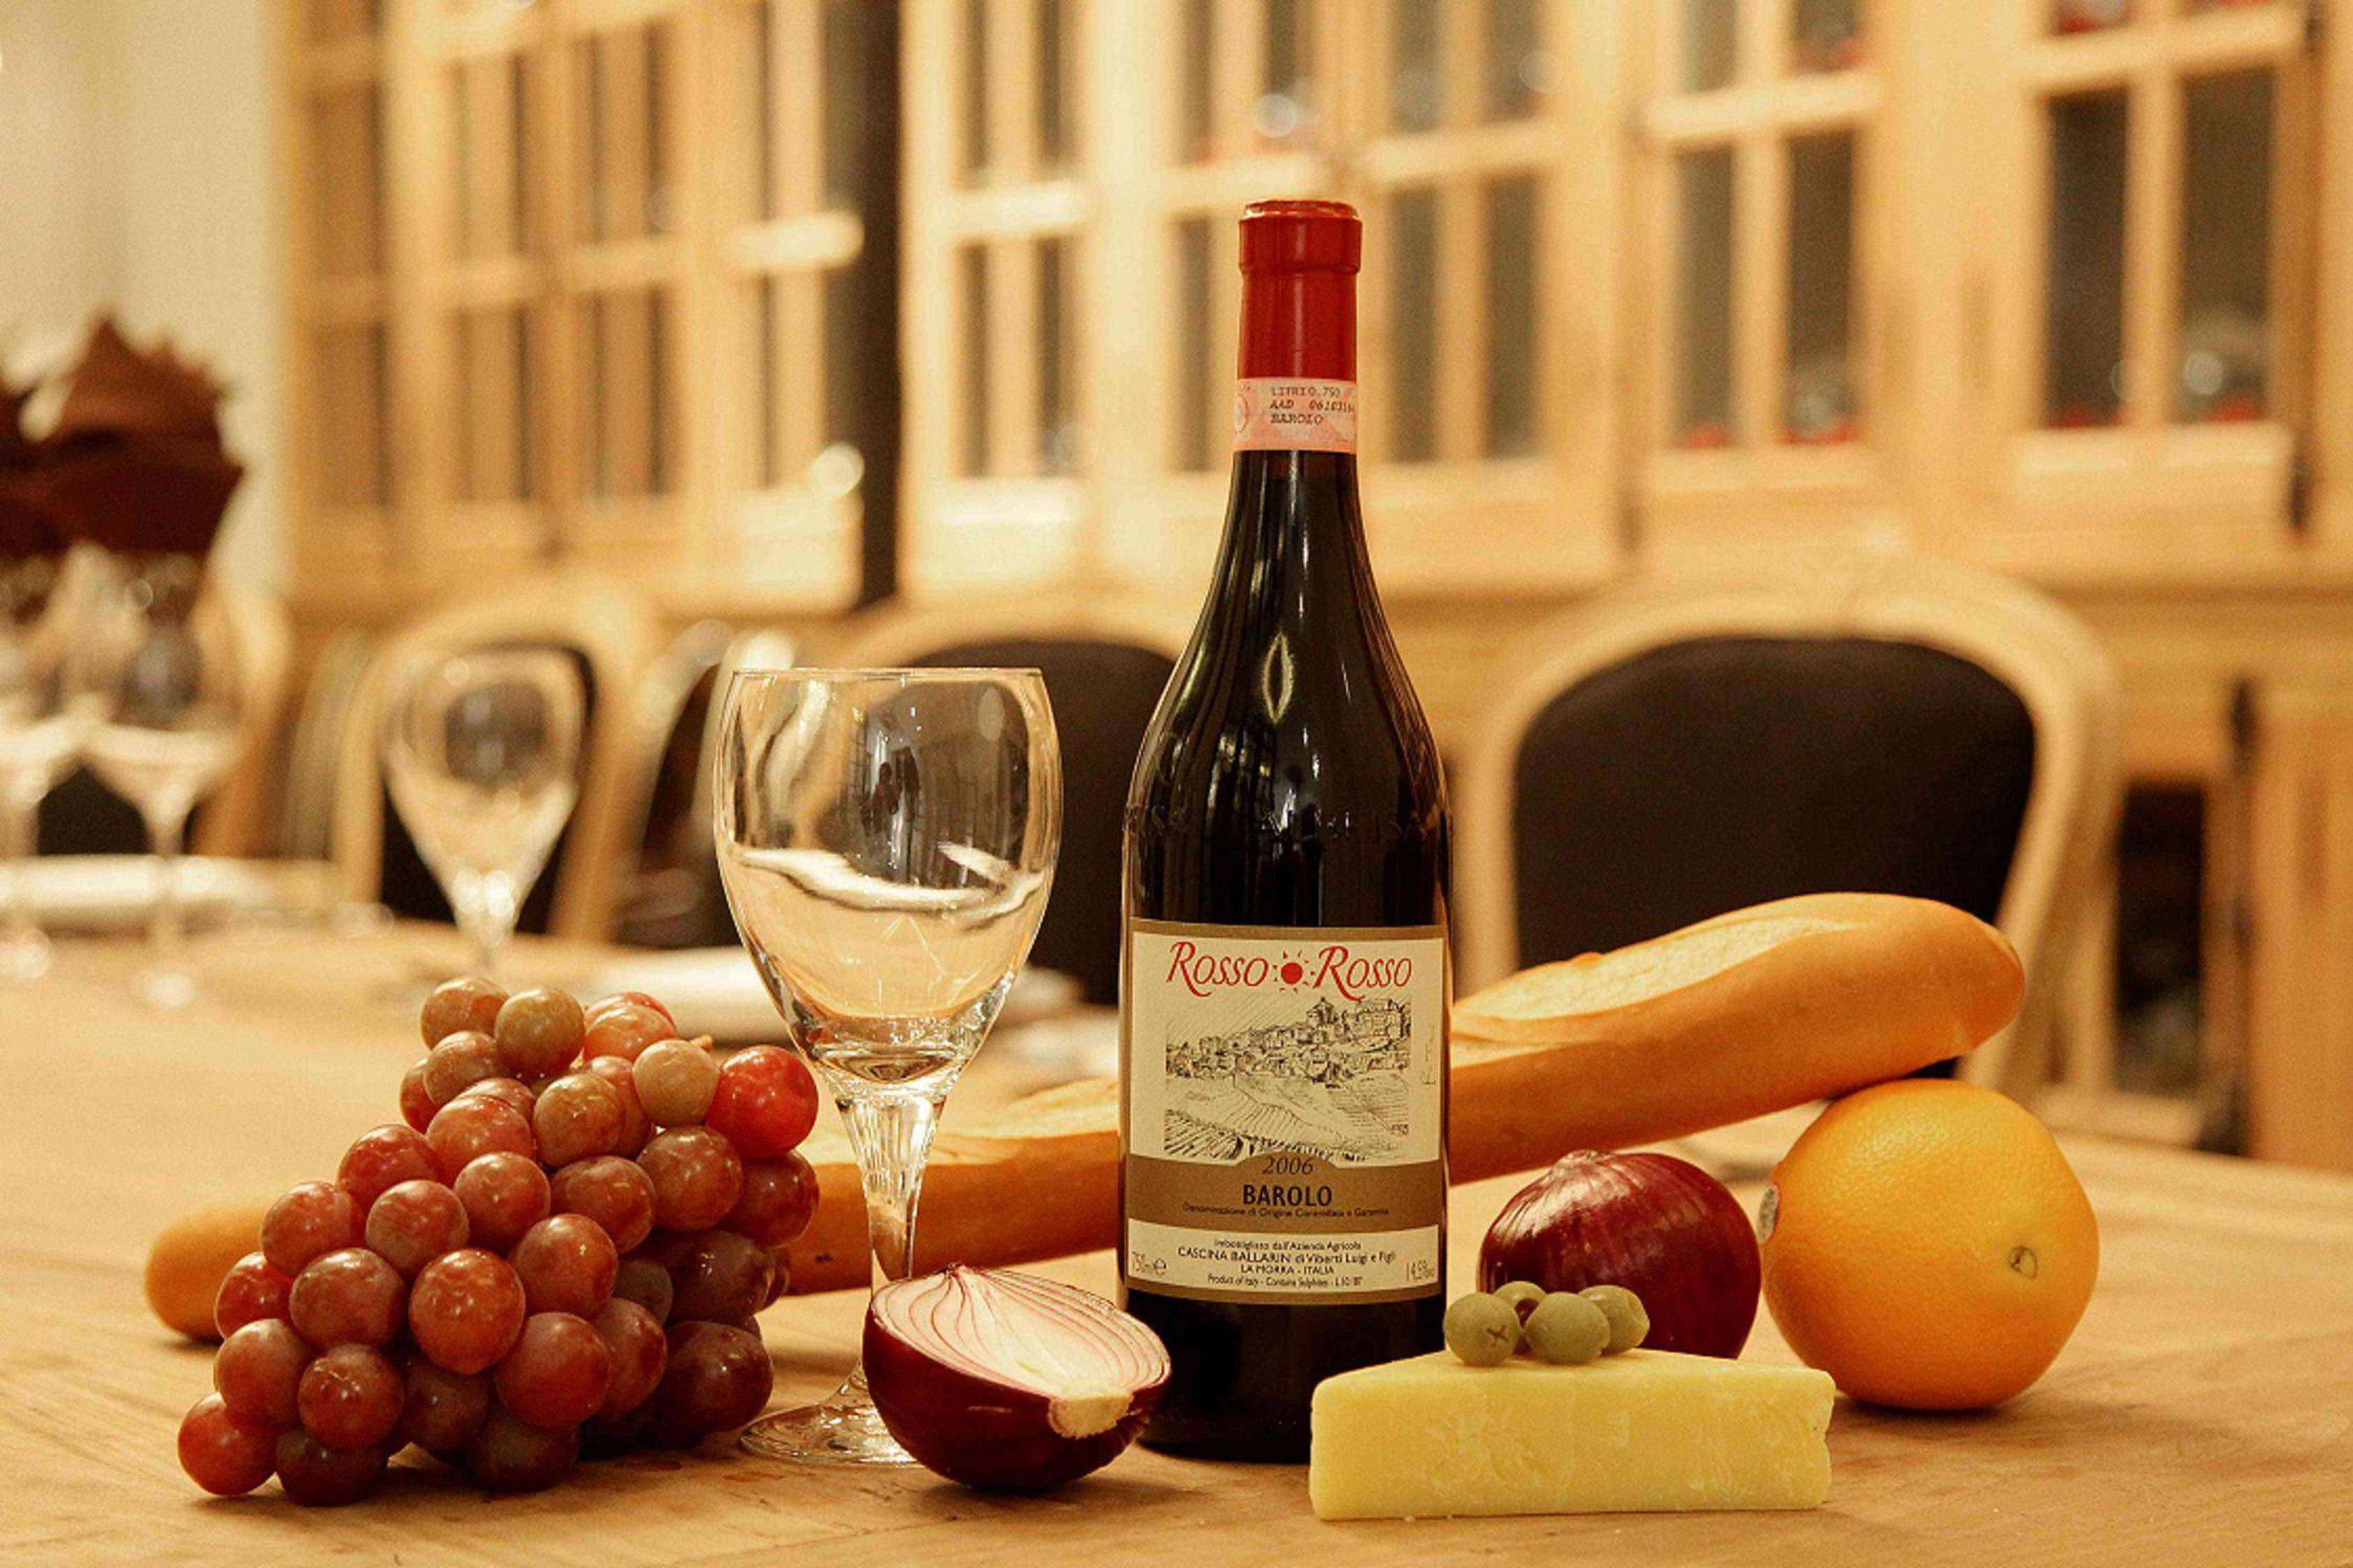 较全葡萄牙国酒波特加强酒知识,赶紧收藏吧